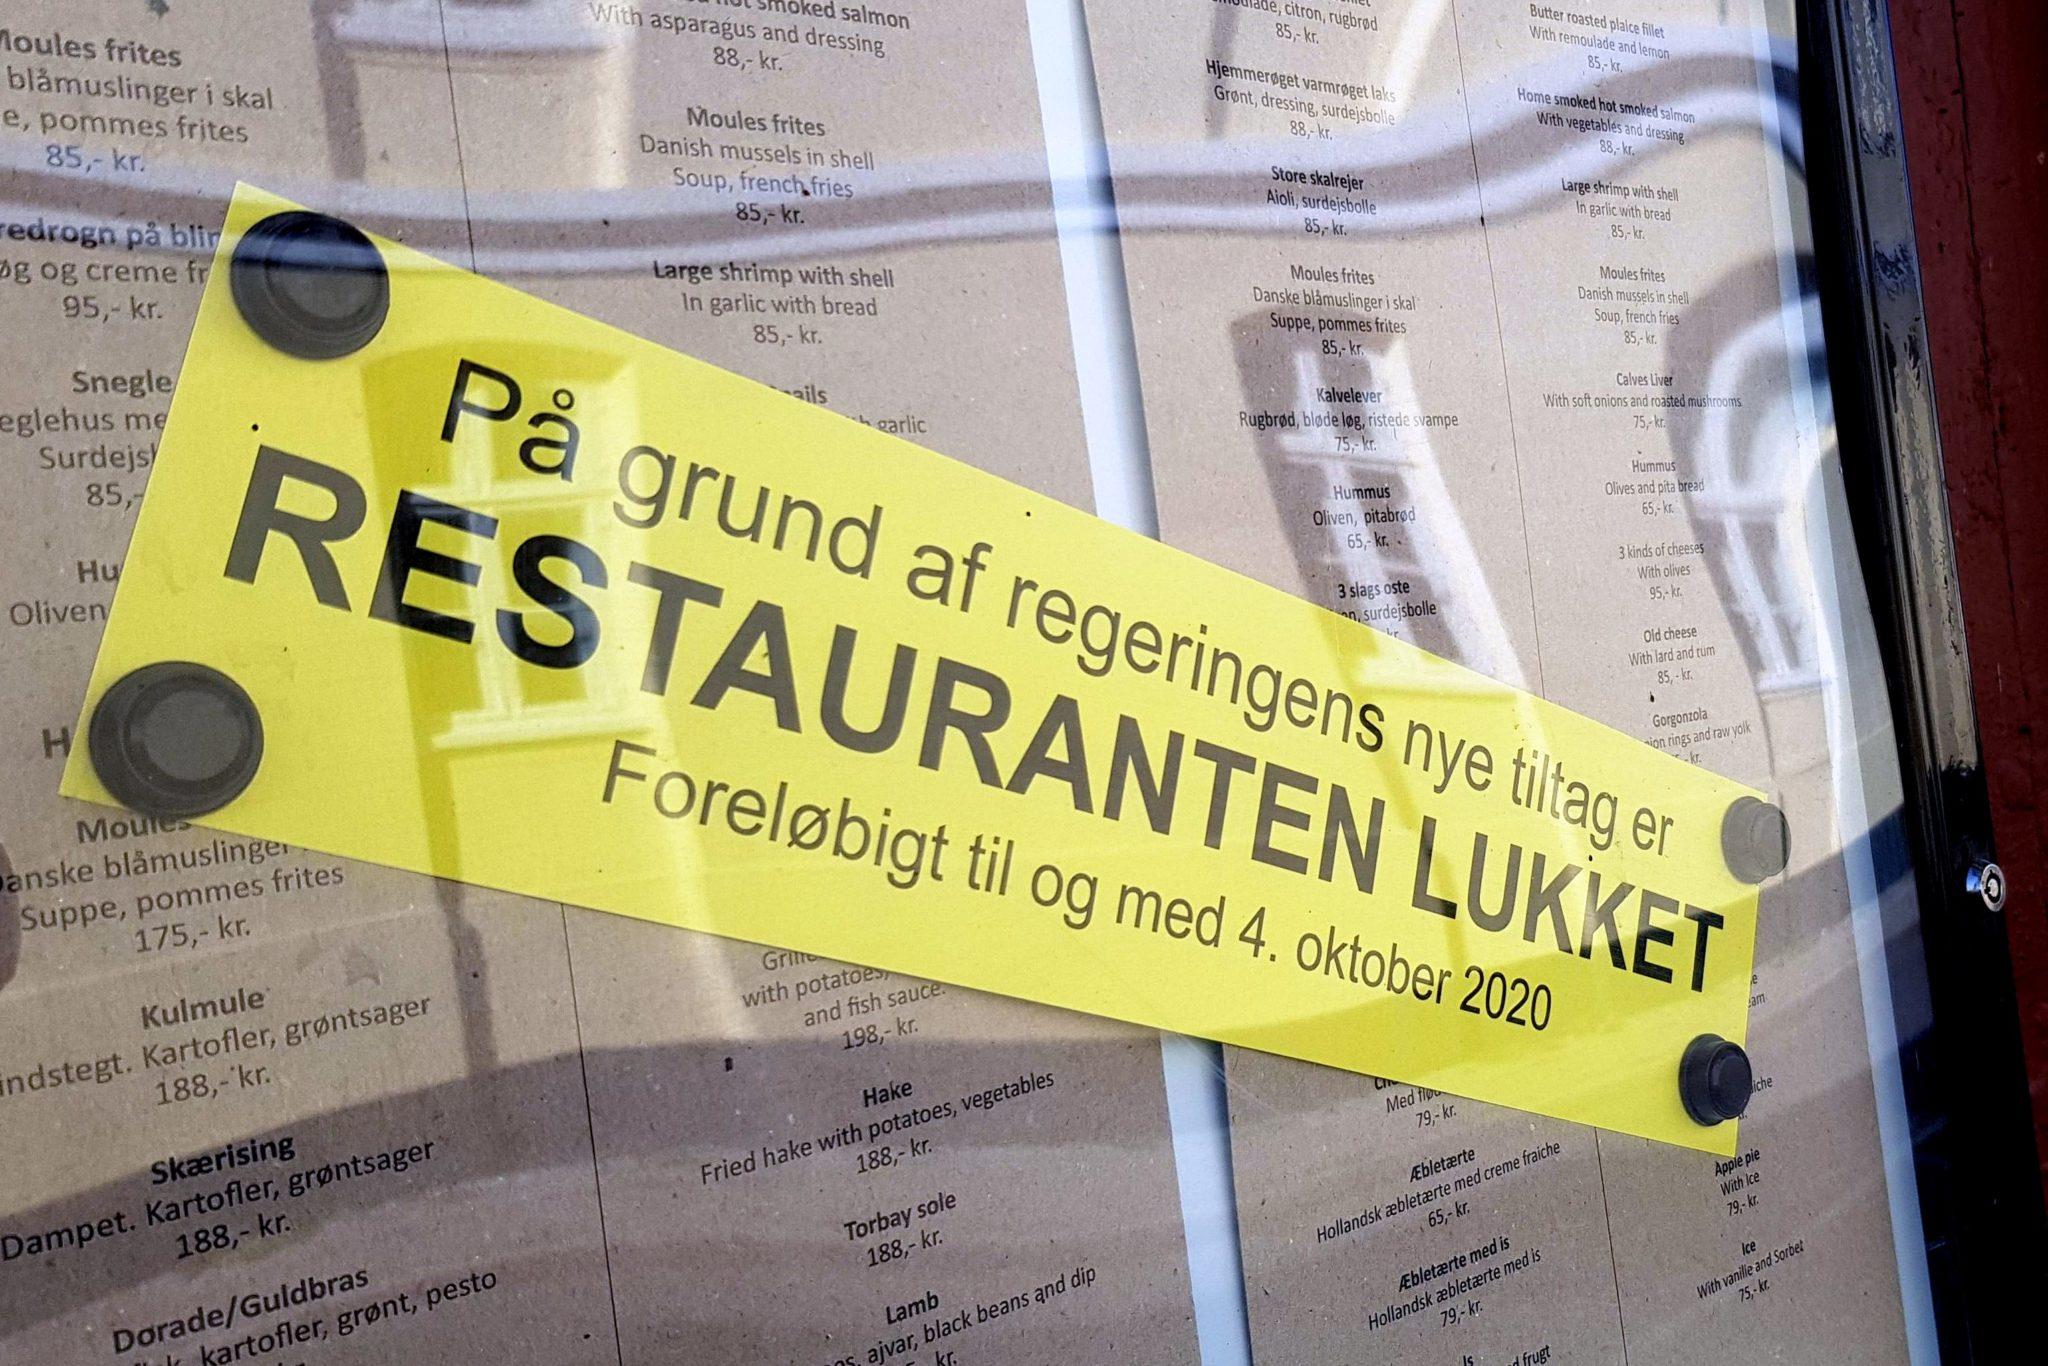 Restauranten er lukket indtil videre – OPDATERET